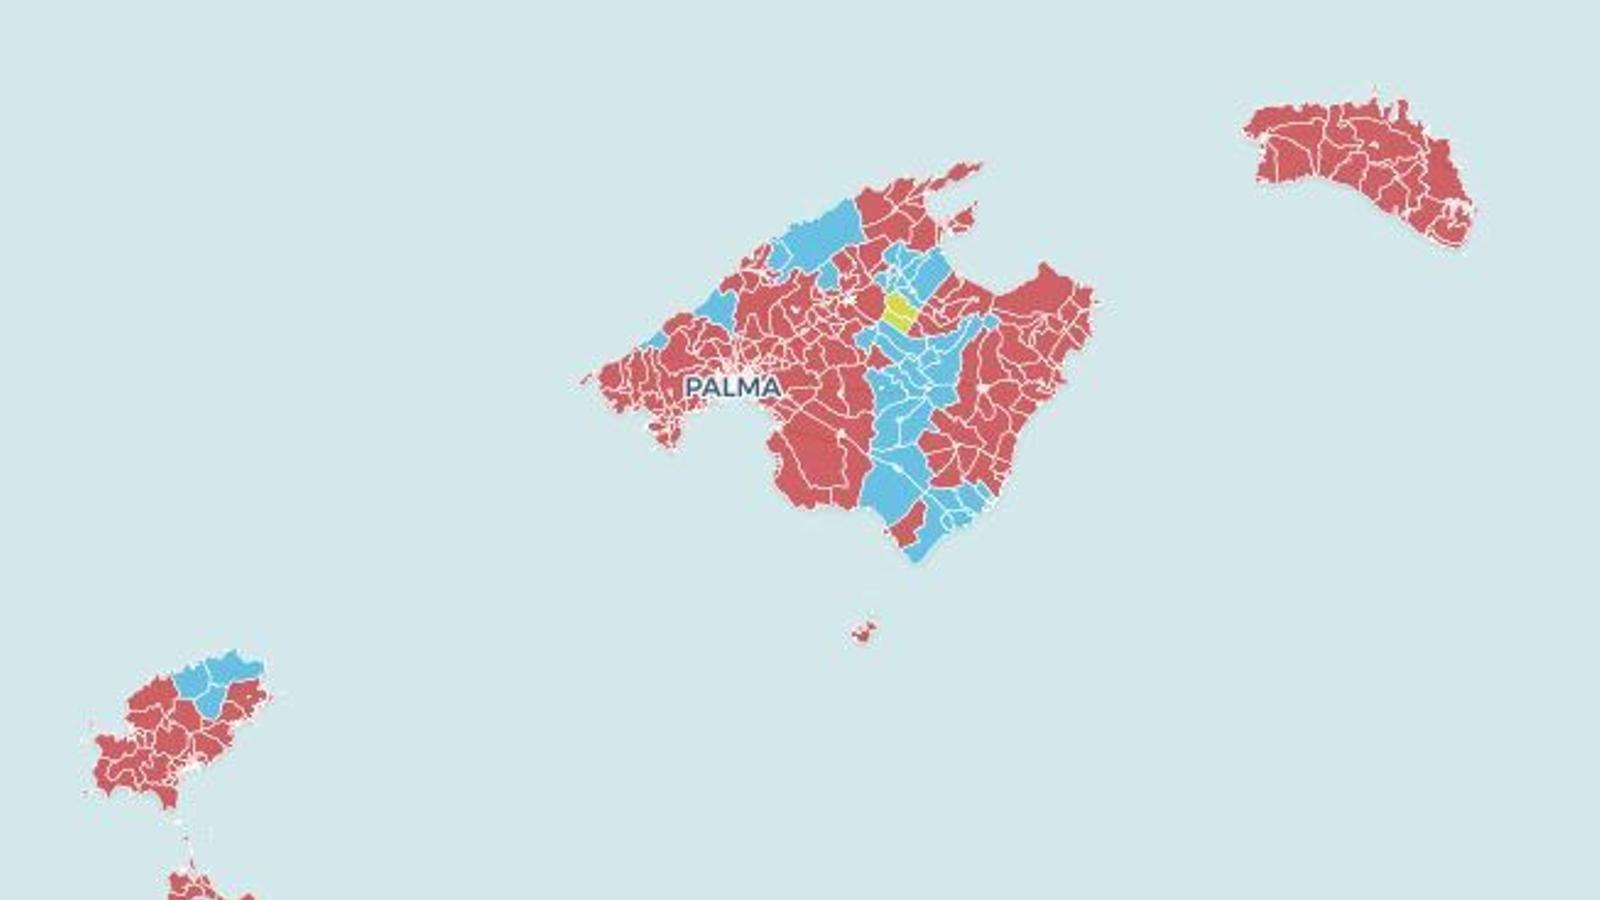 Els resultats electorals a les Balears, municipi per municipi en mapes interactius